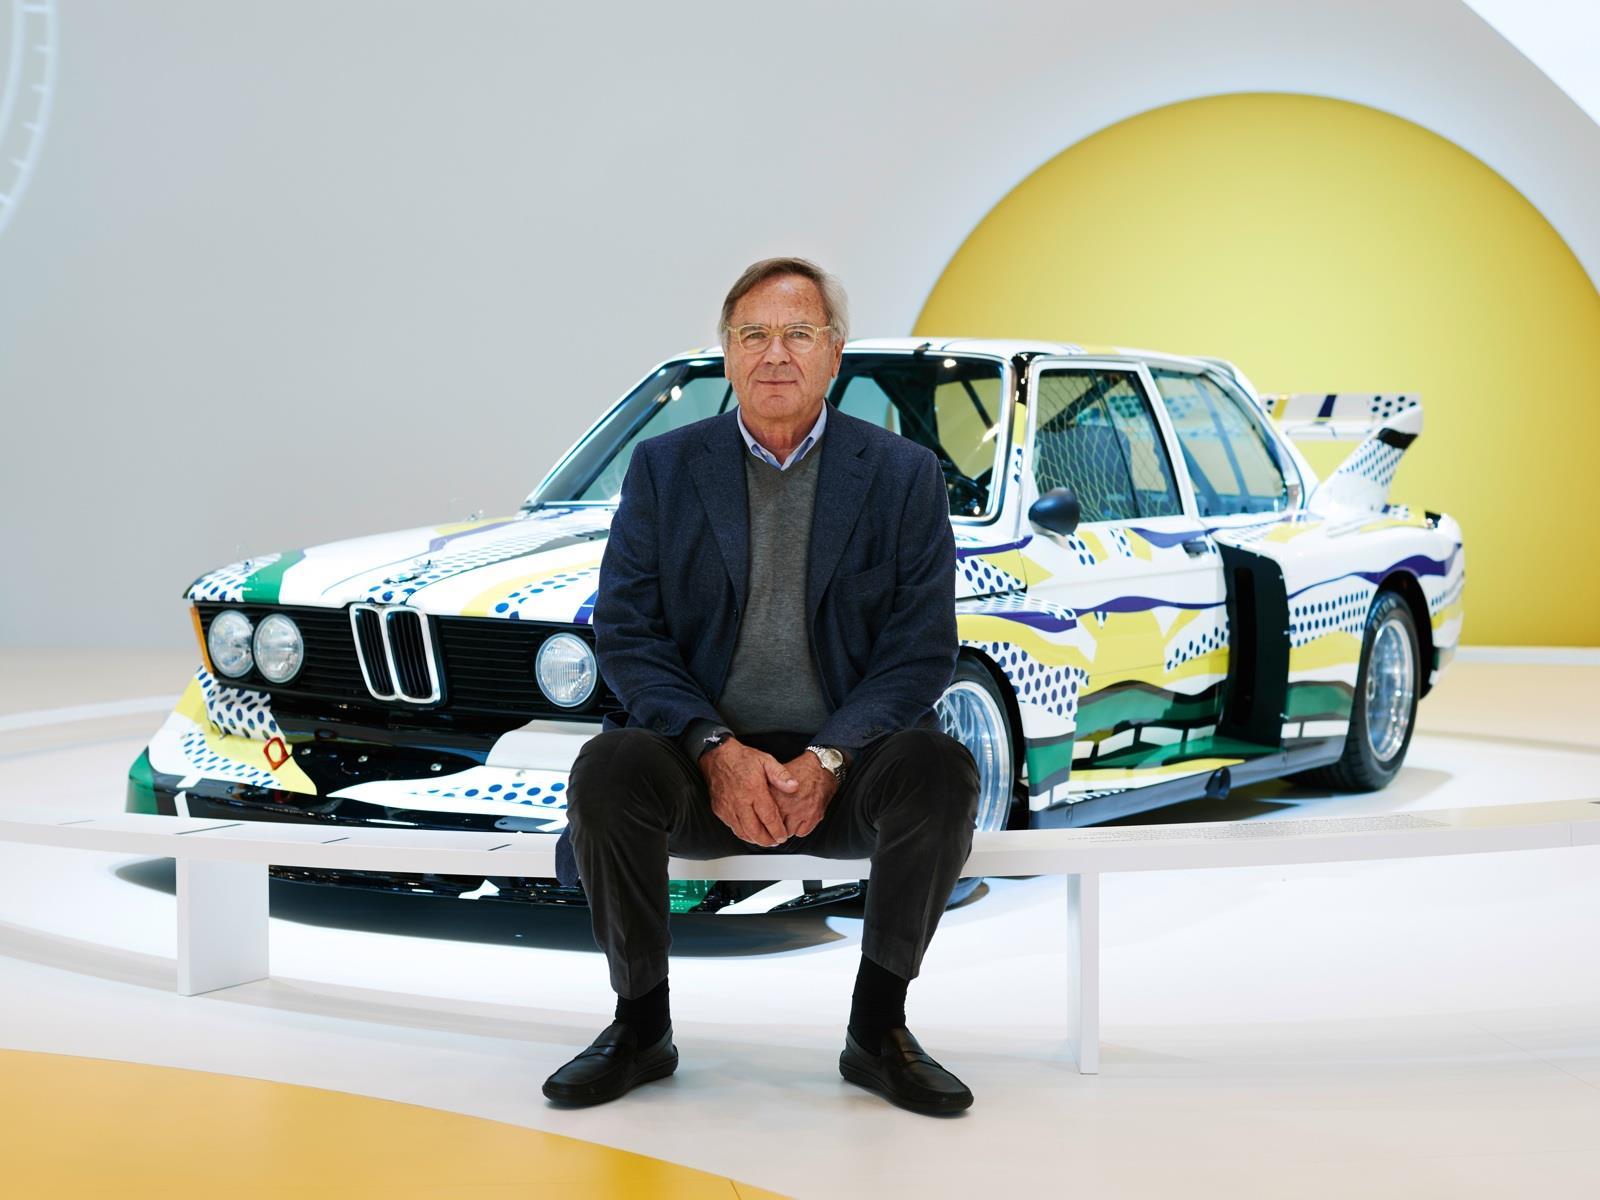 GAZ_8f163fc9aaed45eea600a0aca6eb3fc3 Cool Bmw Z1 Joyas sobre Ruedas Cars Trend